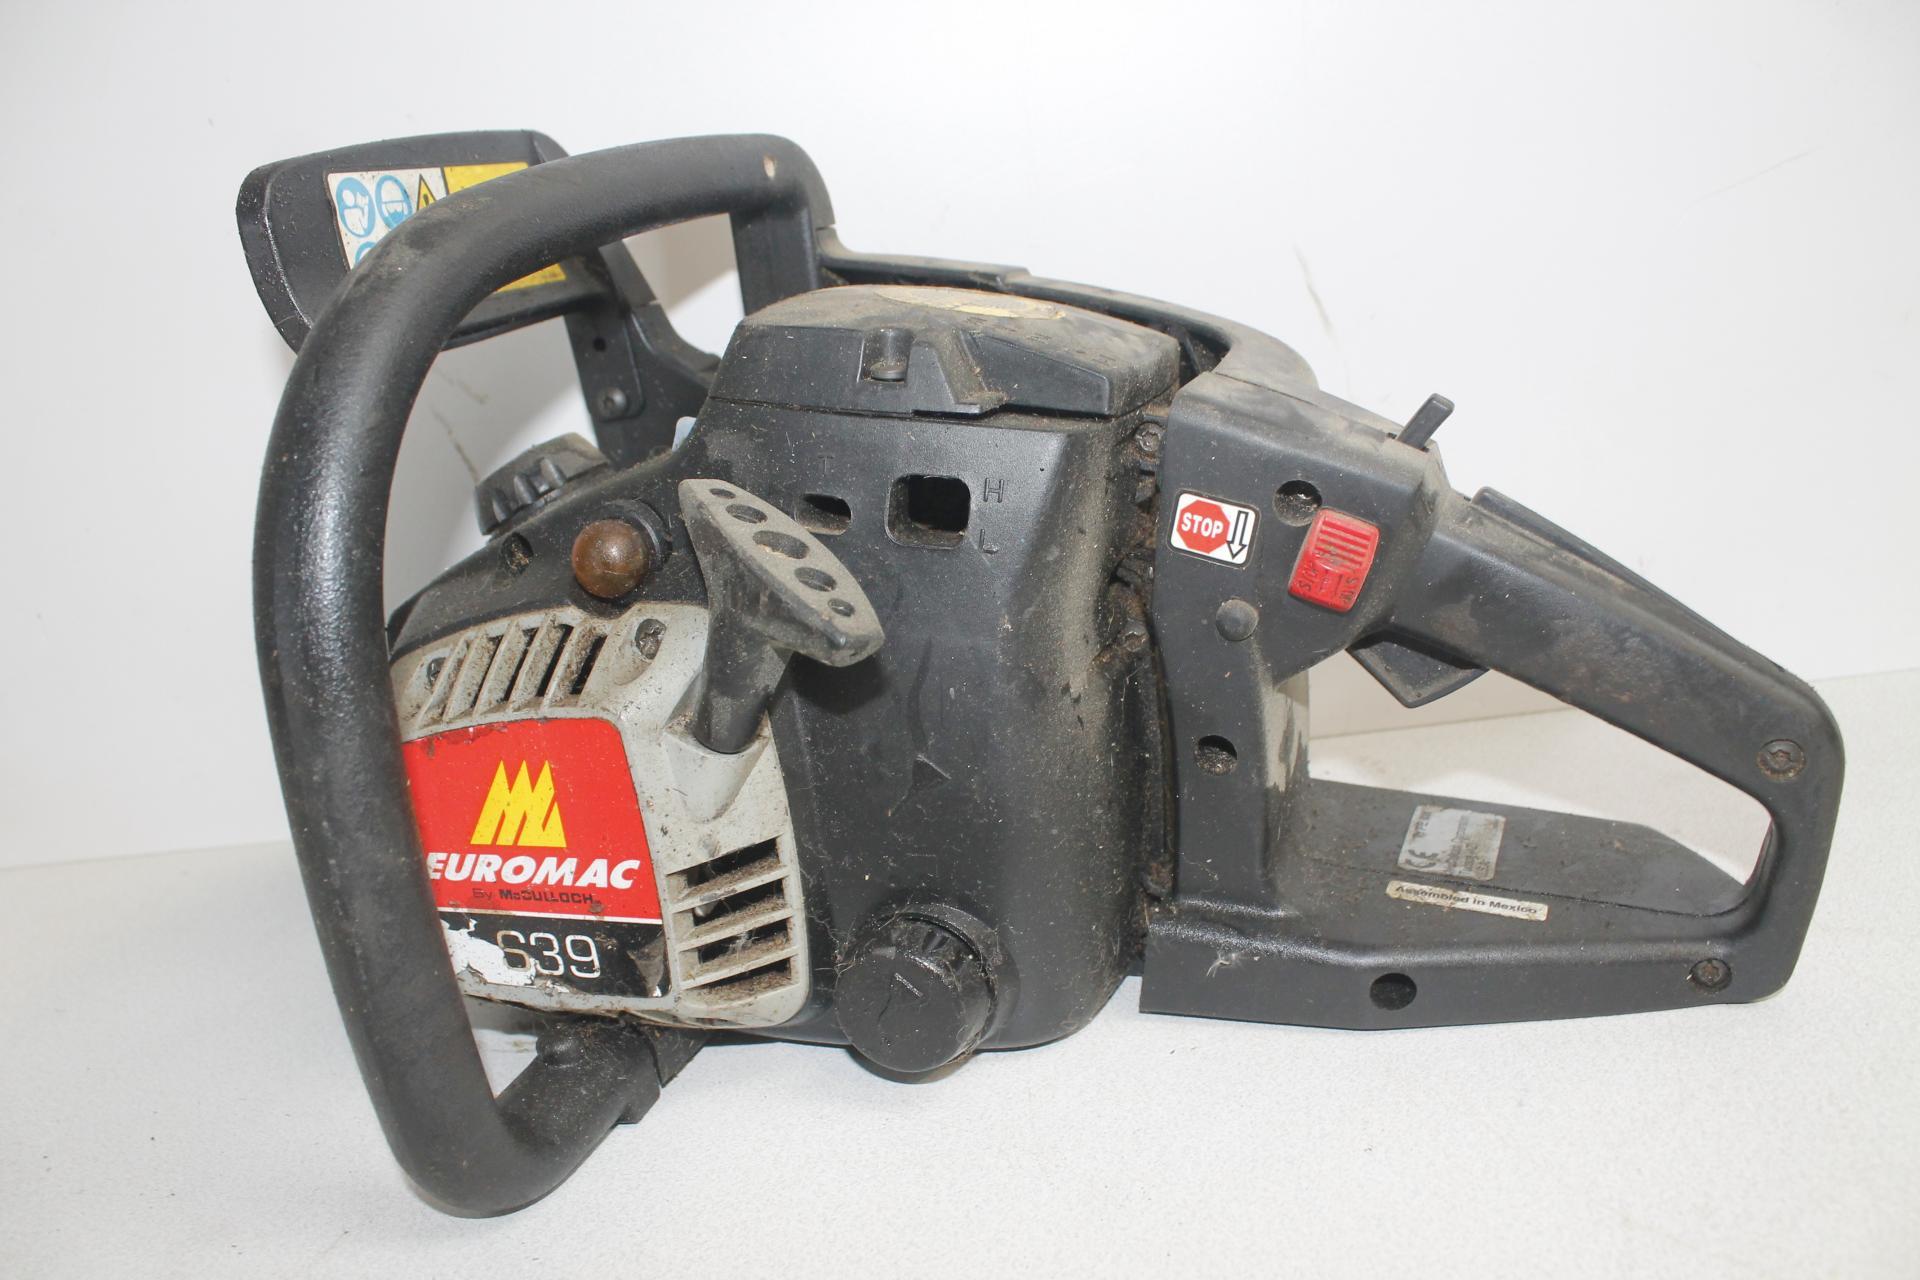 Despiece EuroMac 639